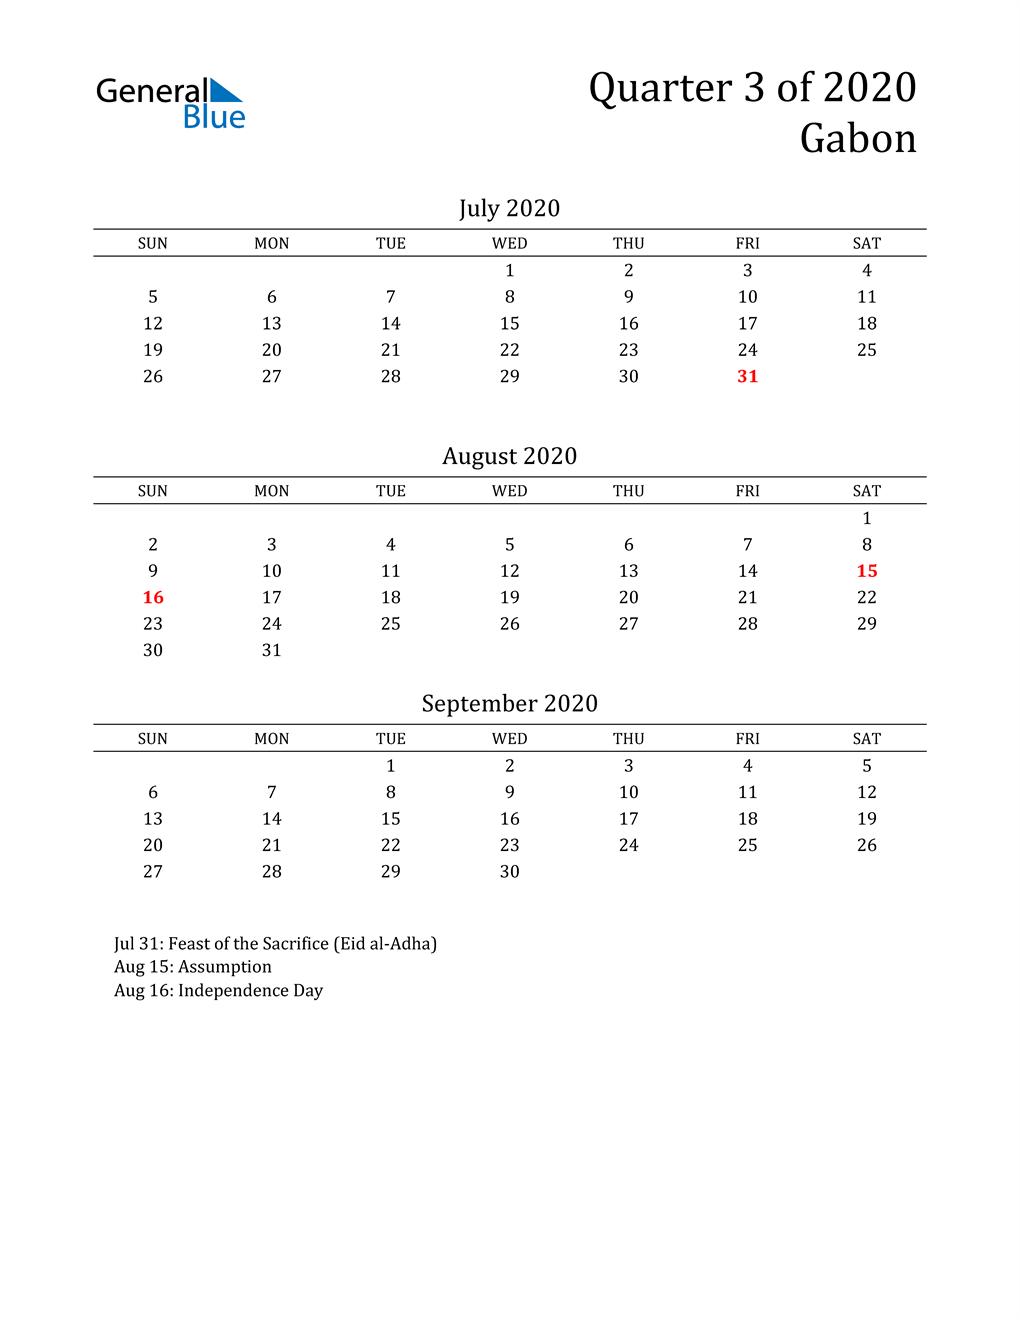 2020 Gabon Quarterly Calendar